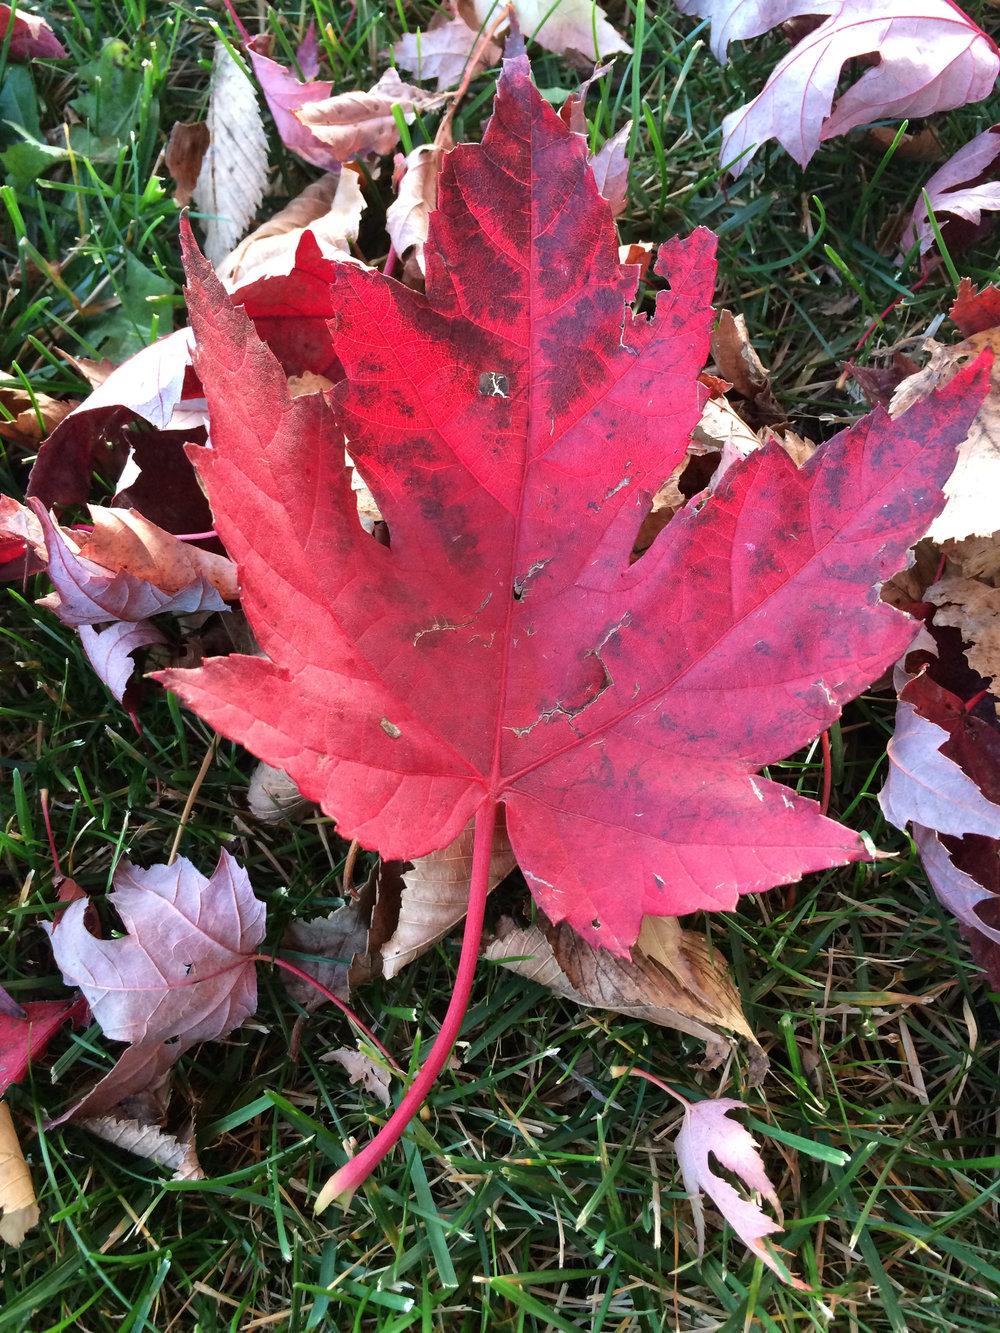 zehorit_fallflavors_pumpkin_apple_pear_spiritedtable_photo.2.jpg